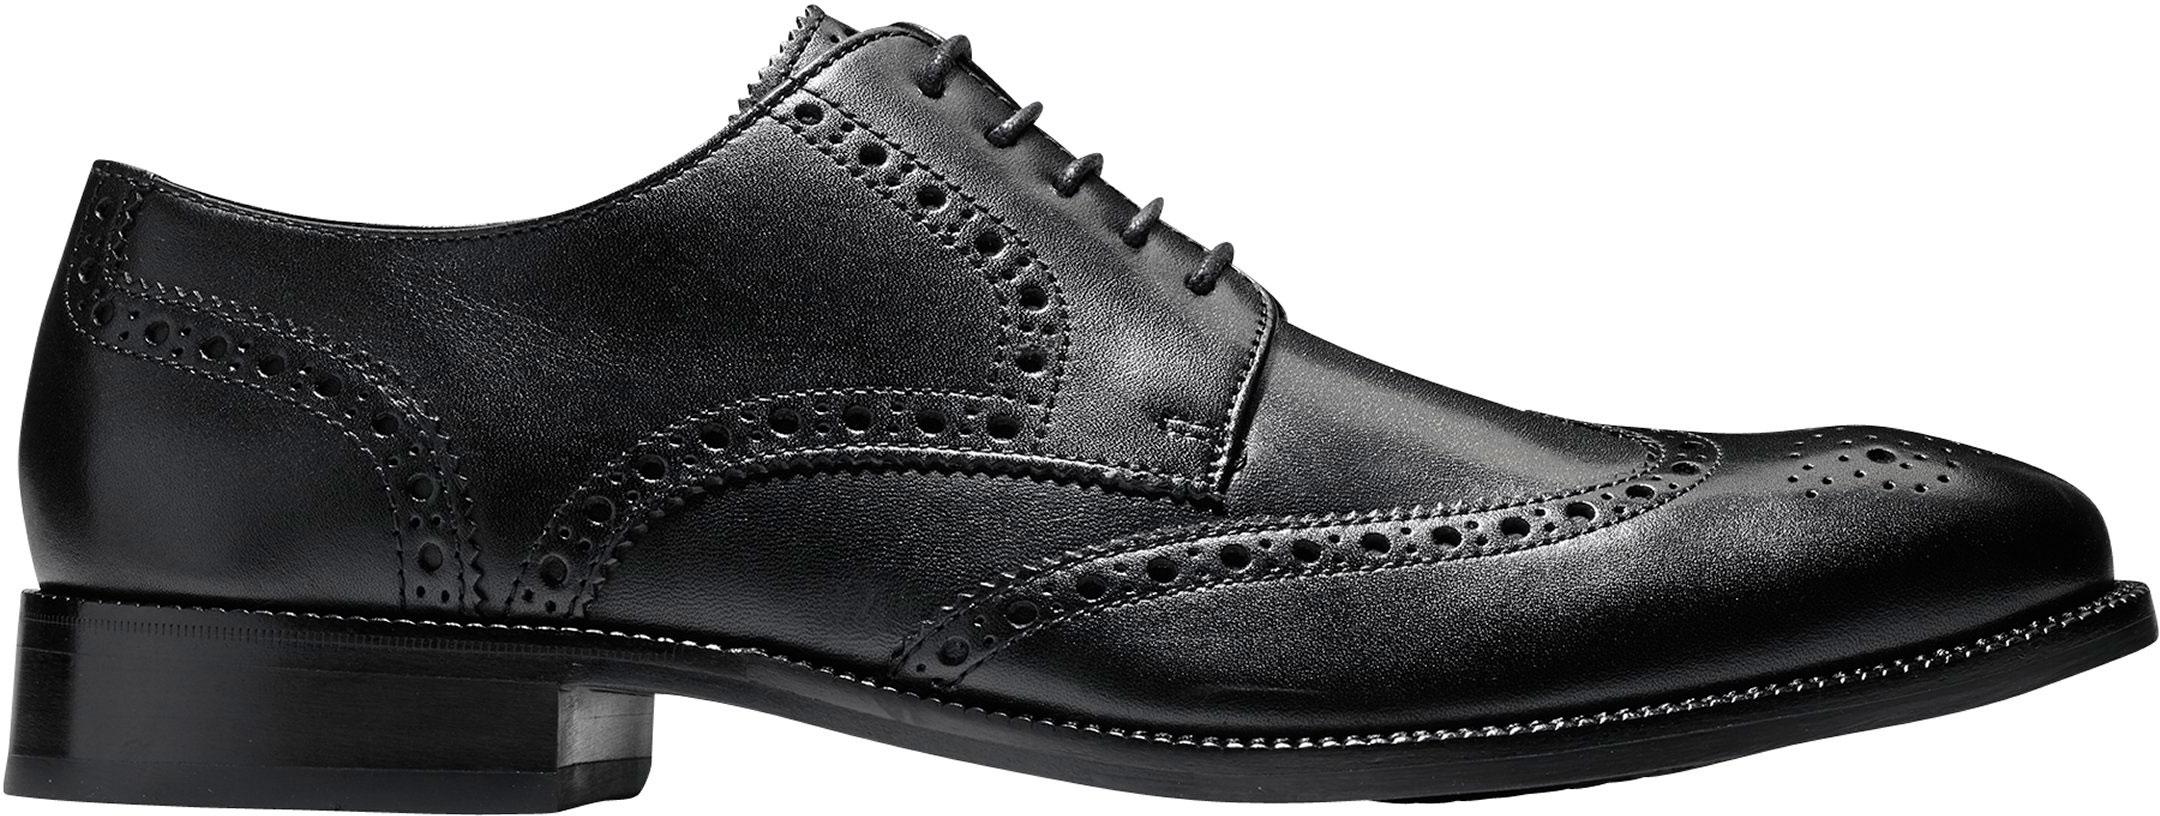 a1999ebbf08 Cole Haan Men's Benton Wingtip Oxford II C24117 Black - The Shoe Mart